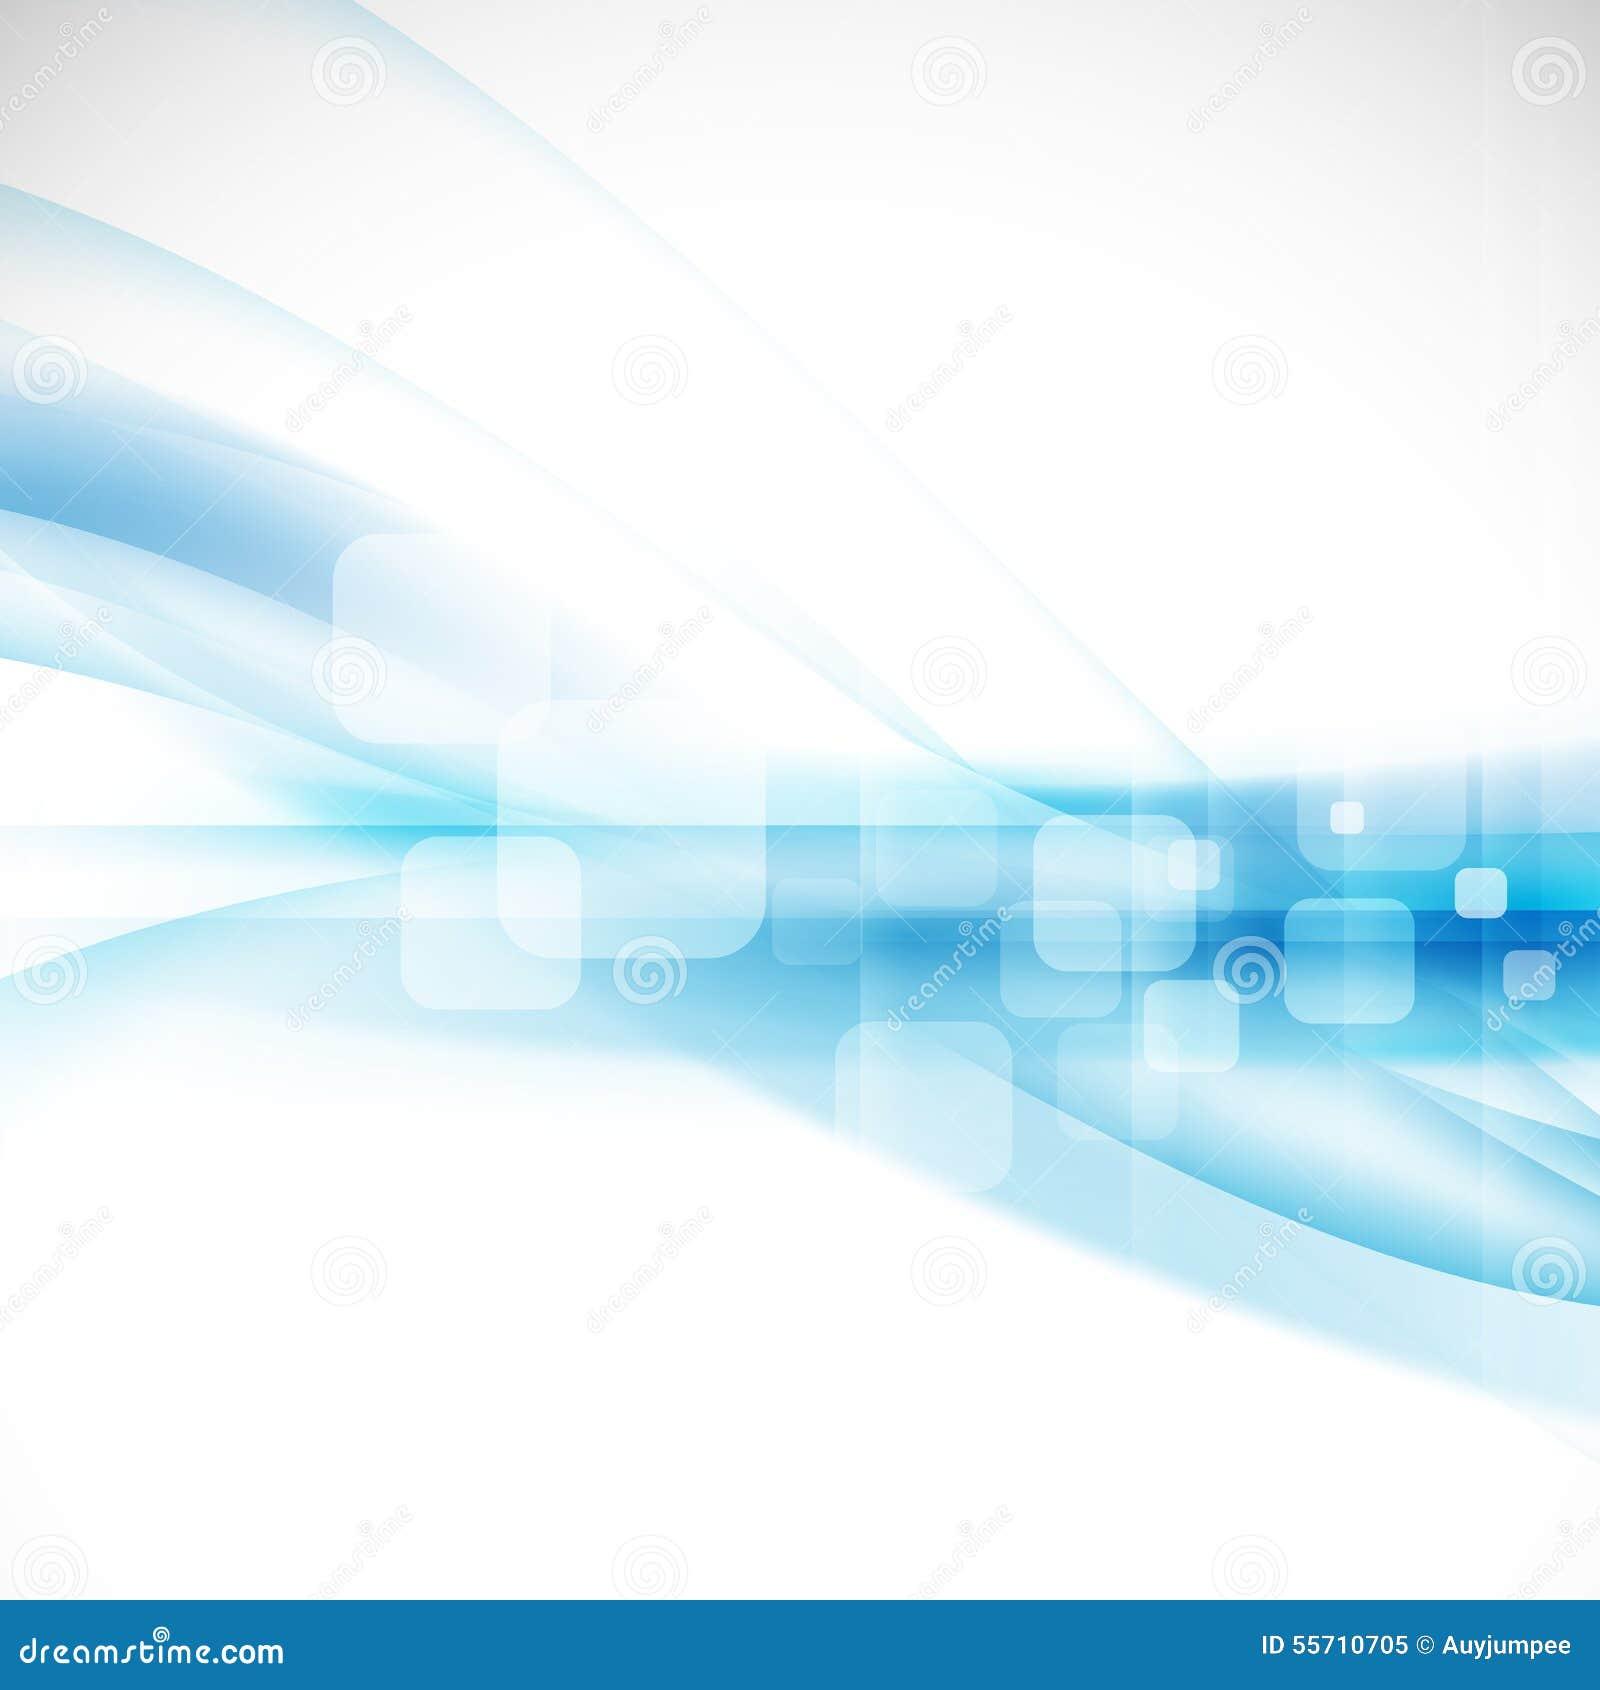 Fondo azul del flujo abstracto para la presentación del concepto de la tecnología o de la ciencia, el vector y el ejemplo